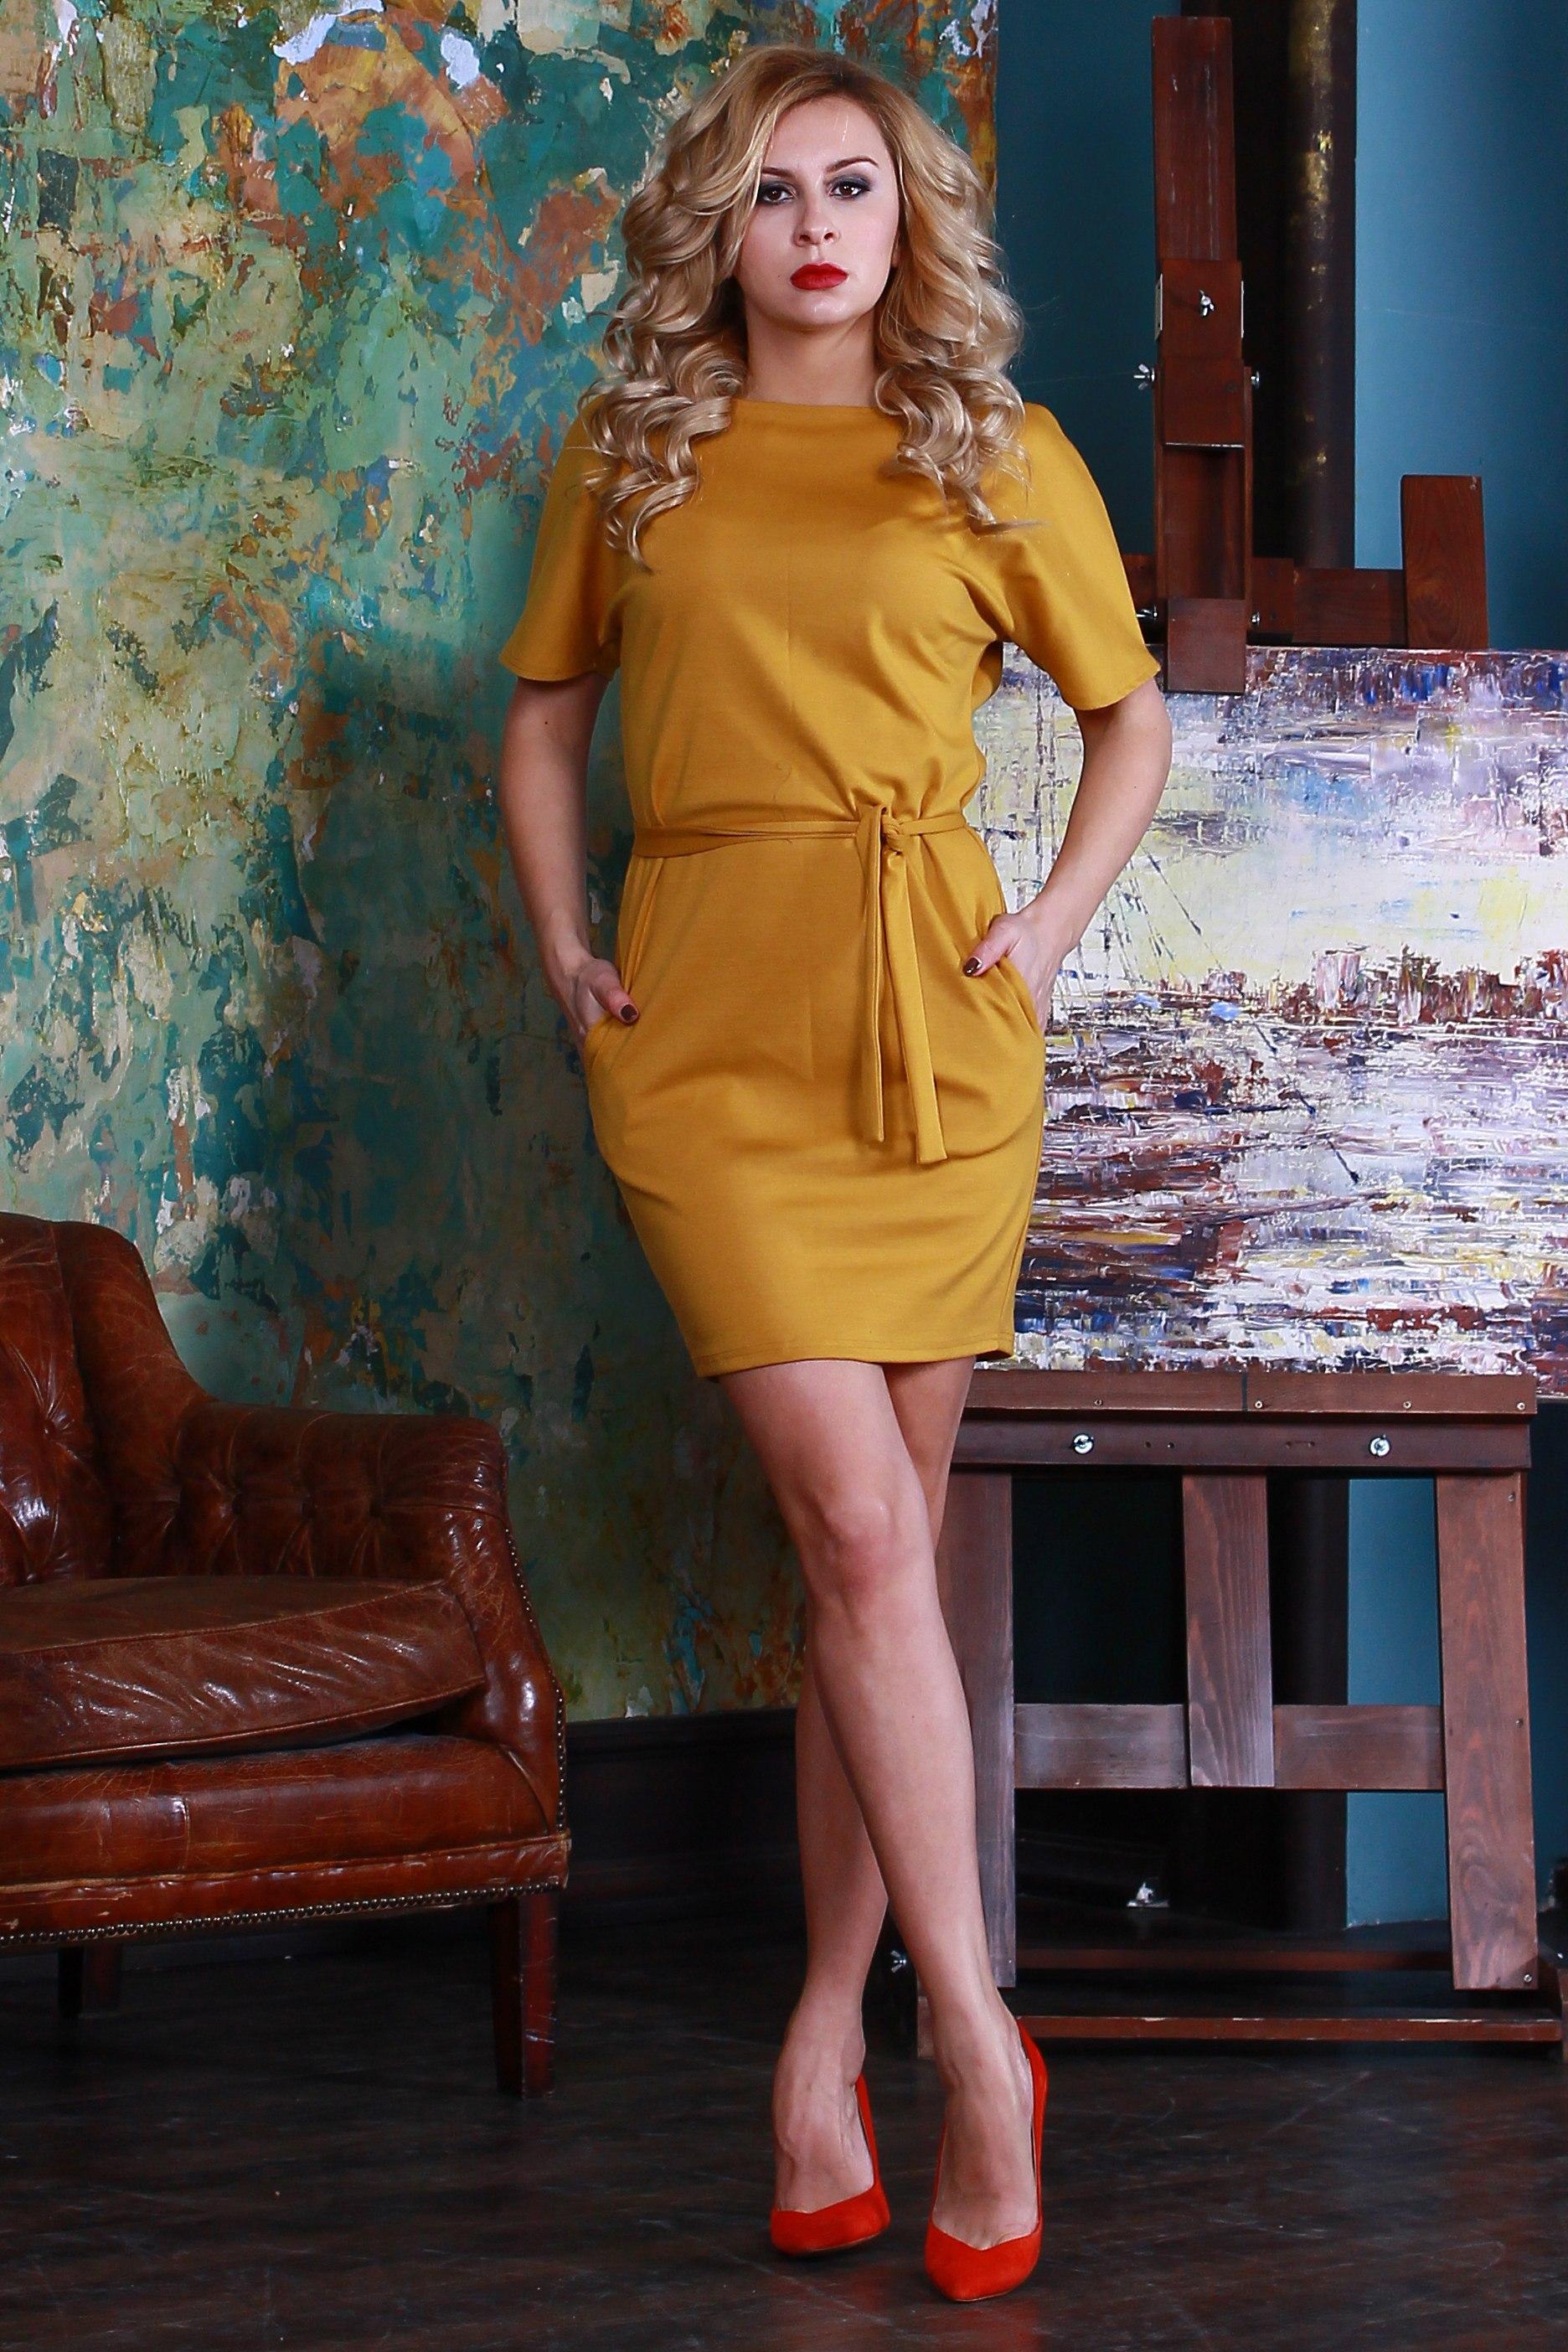 ПлатьеПлатья<br>Платье из плотного джерси прилегающего силуэта, со спущенной линией плеча и внутренними боковыми карманами, вырез - quot;лодочкаquot;.  Платье без пояса.  Длина изделия от 87 см до 93 см, в зависимости от размера.  Цвет: горчичный  Рост девушки-фотомодели 175 см<br><br>Горловина: С- горловина<br>По длине: До колена<br>По материалу: Трикотаж<br>По рисунку: Однотонные<br>По силуэту: Полуприталенные<br>По стилю: Повседневный стиль<br>По форме: Платье - футляр<br>Рукав: До локтя<br>По сезону: Осень,Весна,Зима<br>По элементам: С карманами<br>Размер : 42,44,50,54<br>Материал: Трикотаж<br>Количество в наличии: 5